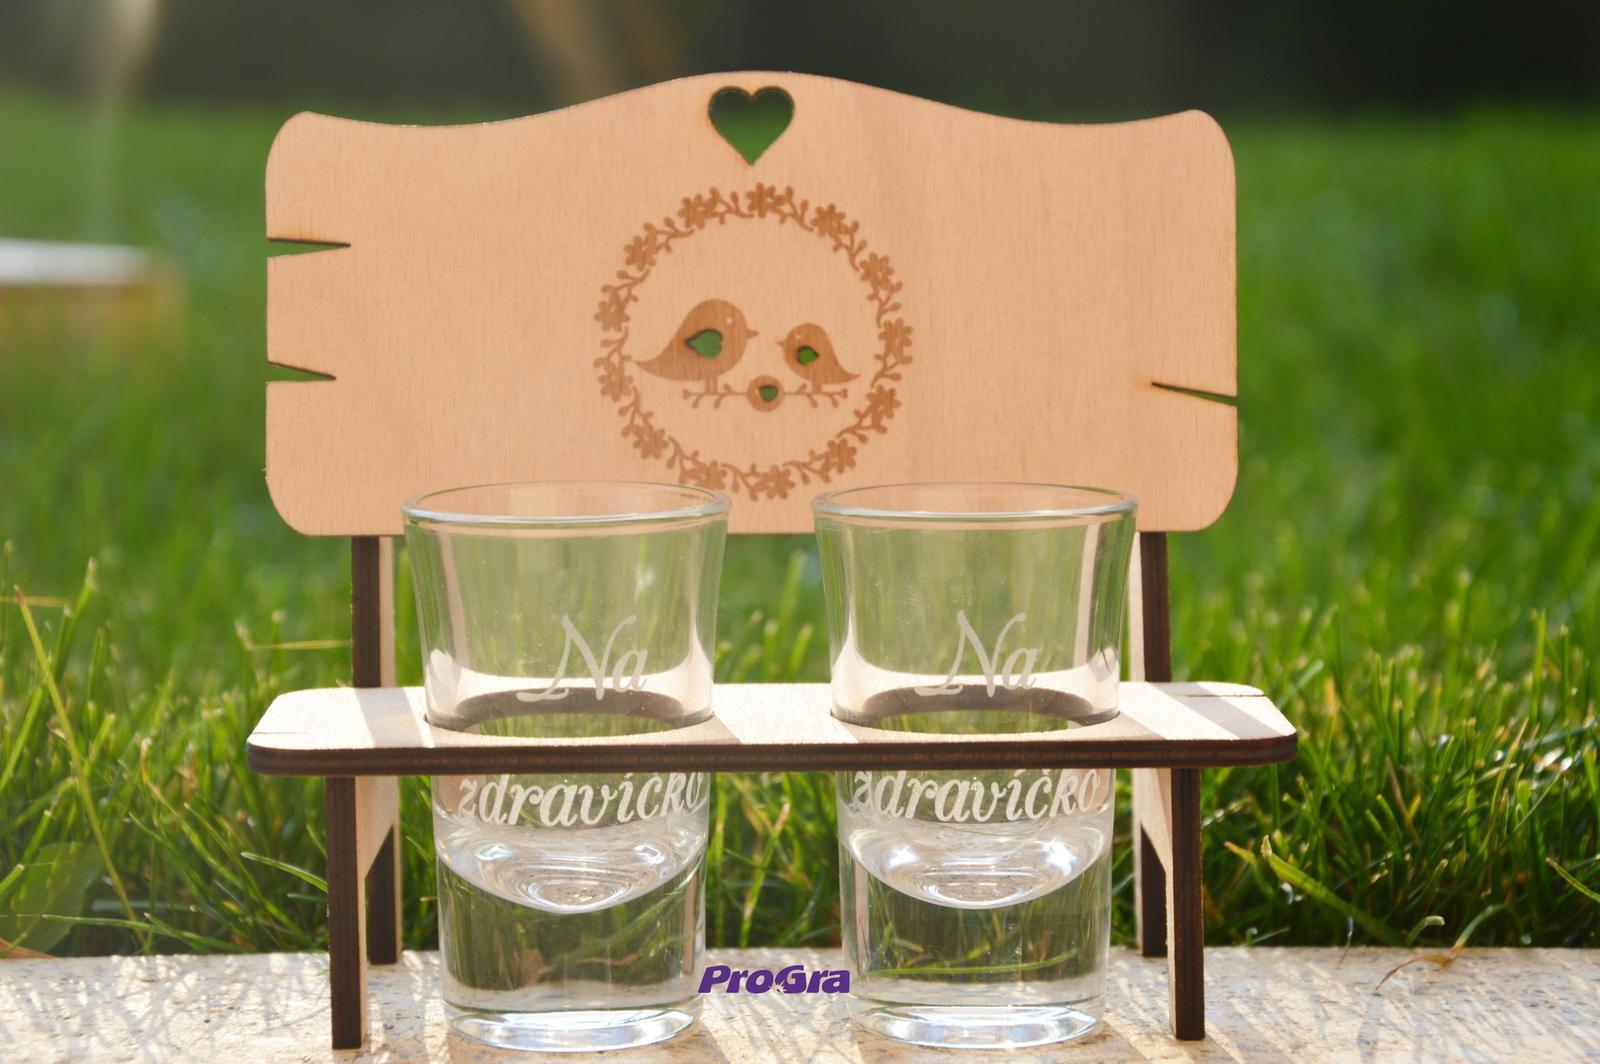 Svatební skleničky - Krásná lavička se štamprlíky - gravírování je možné i personalizovat